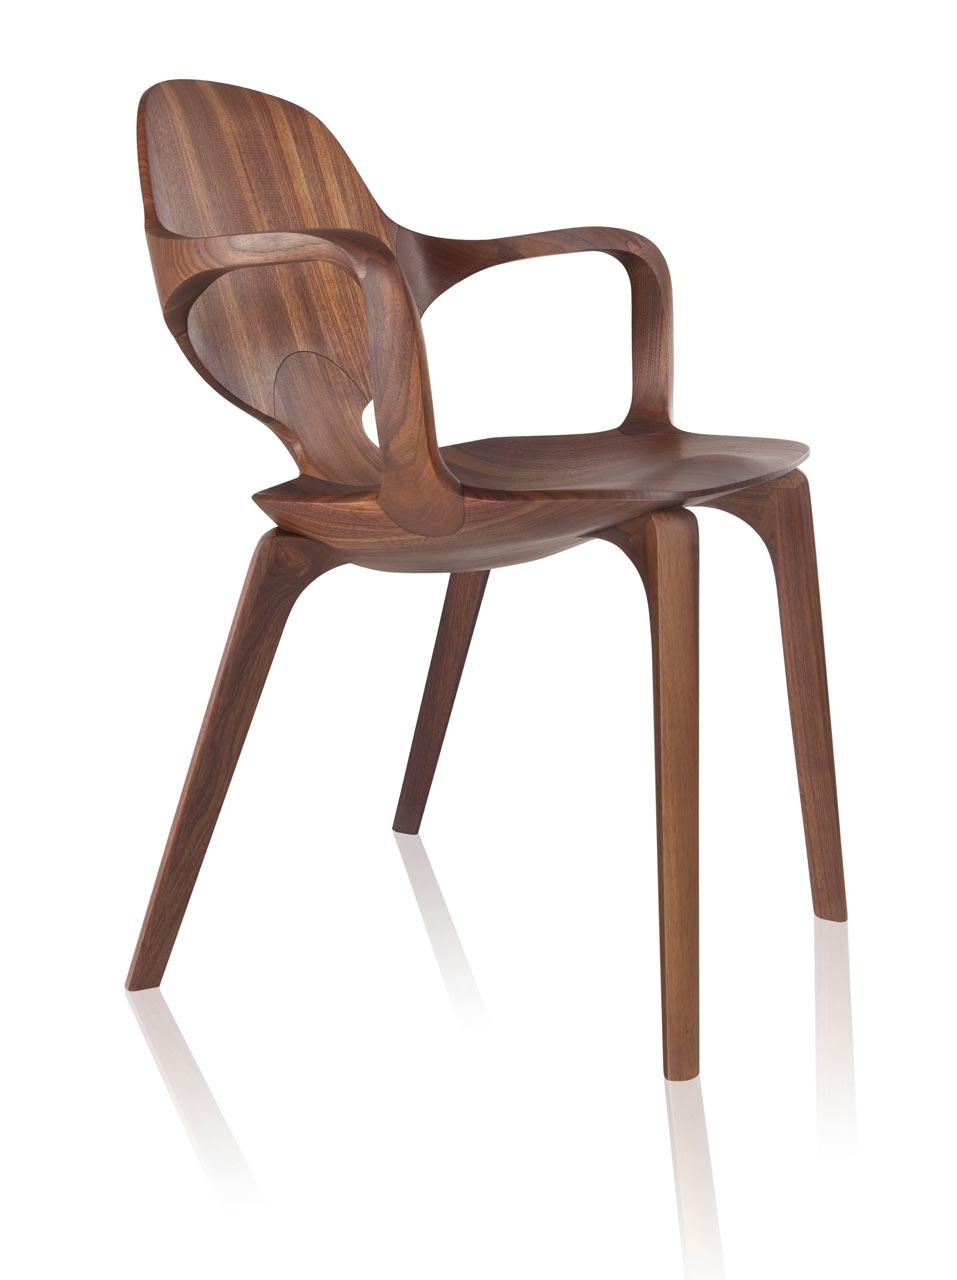 05-cadeira-sj-de-jader-almeida